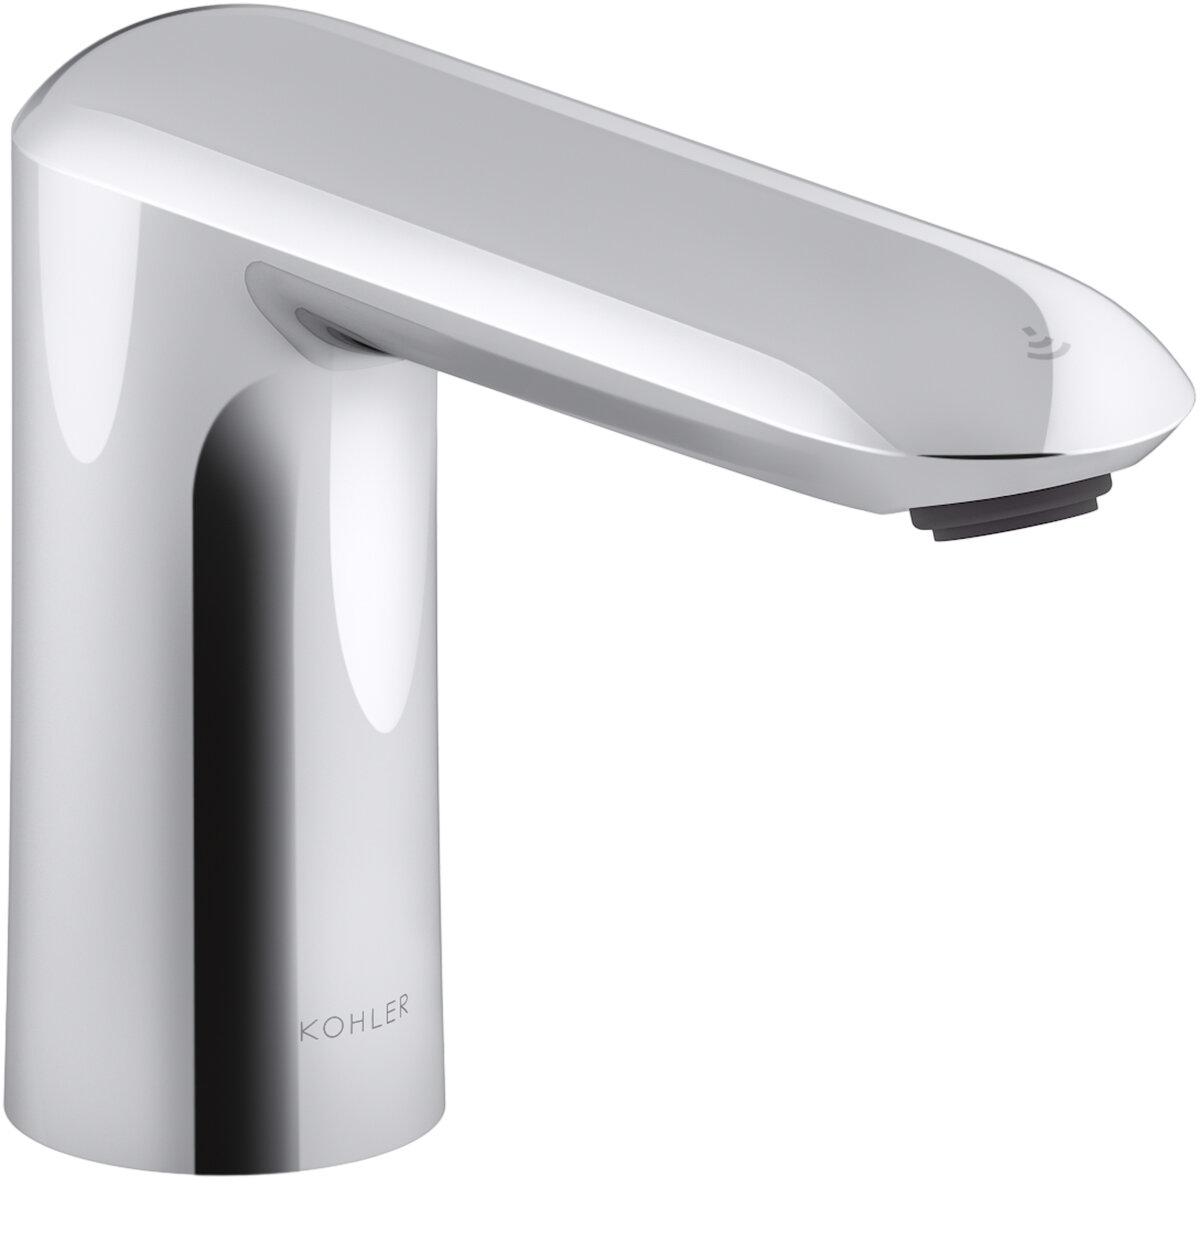 Kohler In Touchless Bathroom Sink